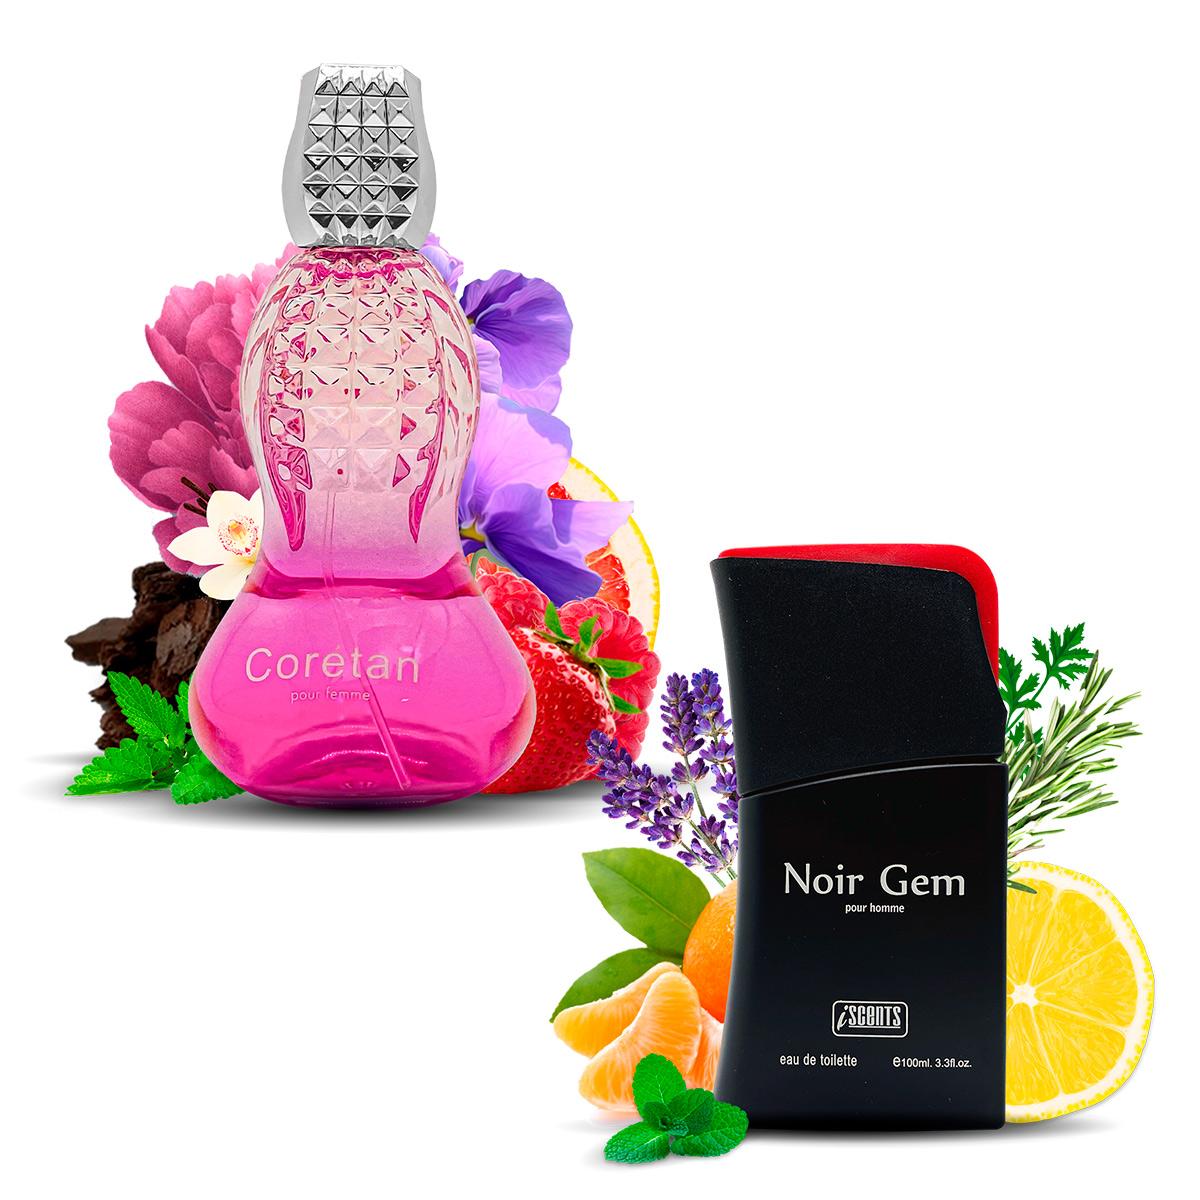 Kit 2 Perfumes Importados Coretan e Noir Gem I Scents